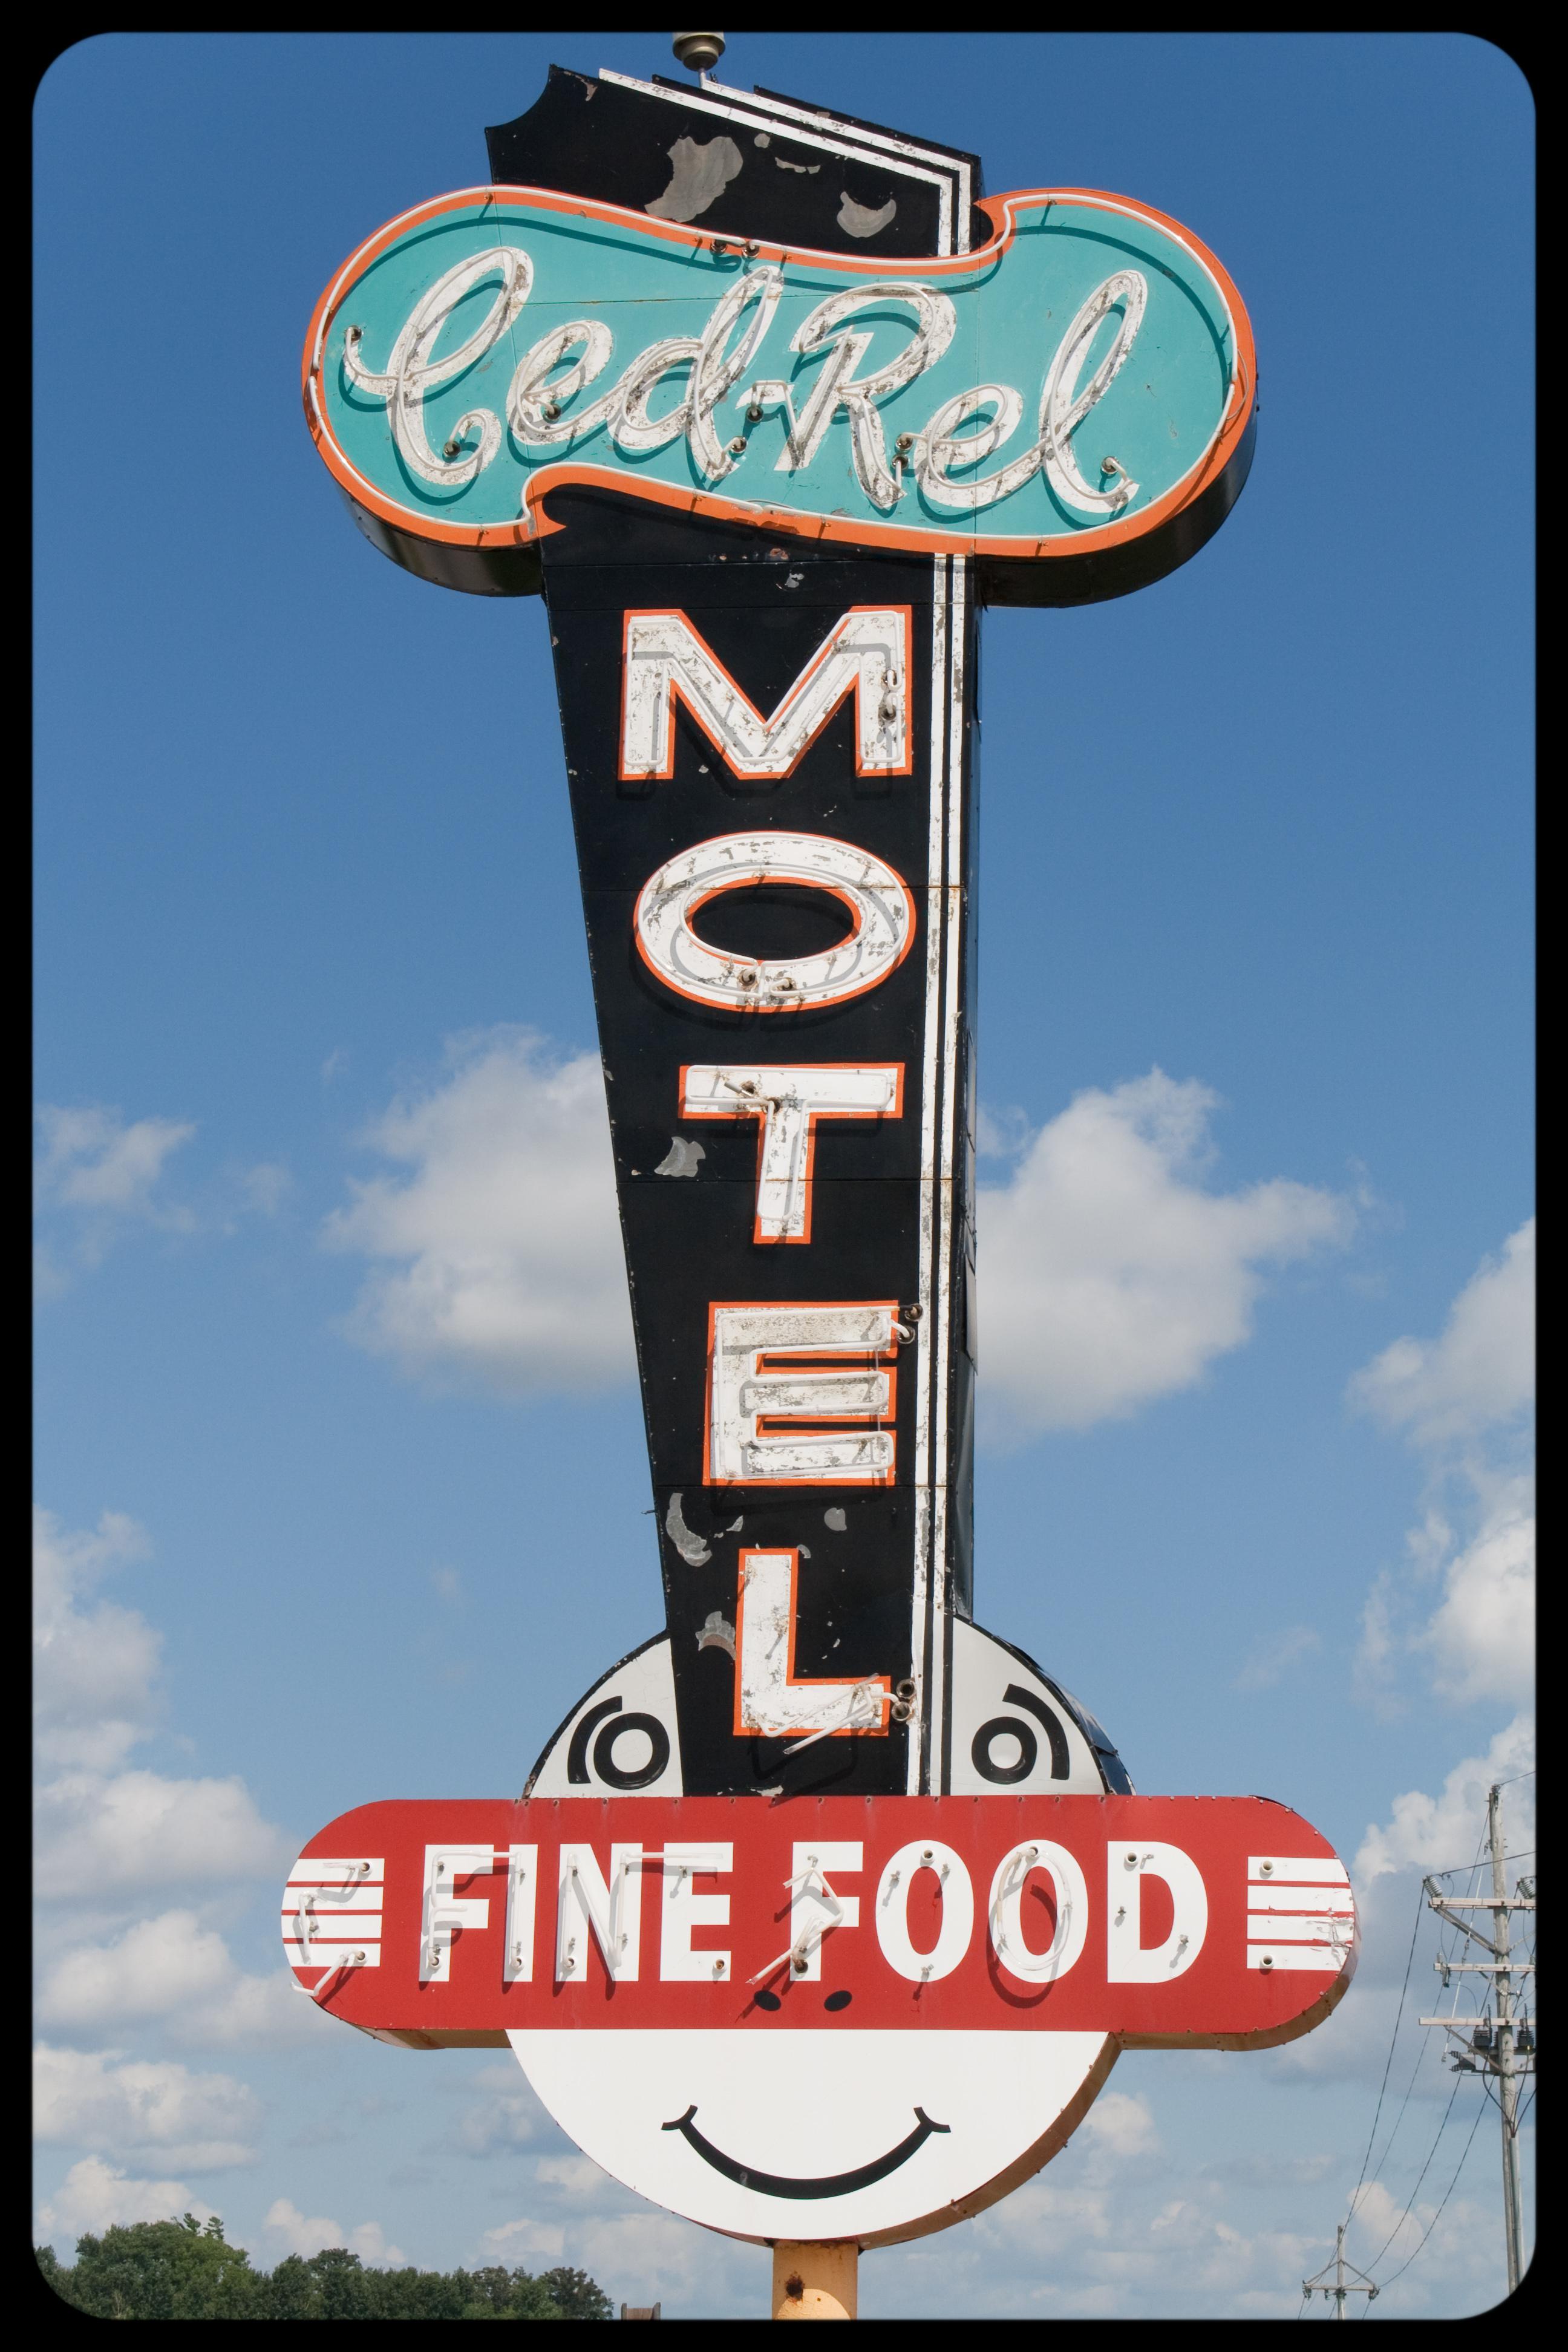 Ced-Rel Motel and Supper Club - 11901 U.S. 30, Cedar Rapids, Iowa U.S.A. - July 26, 2009